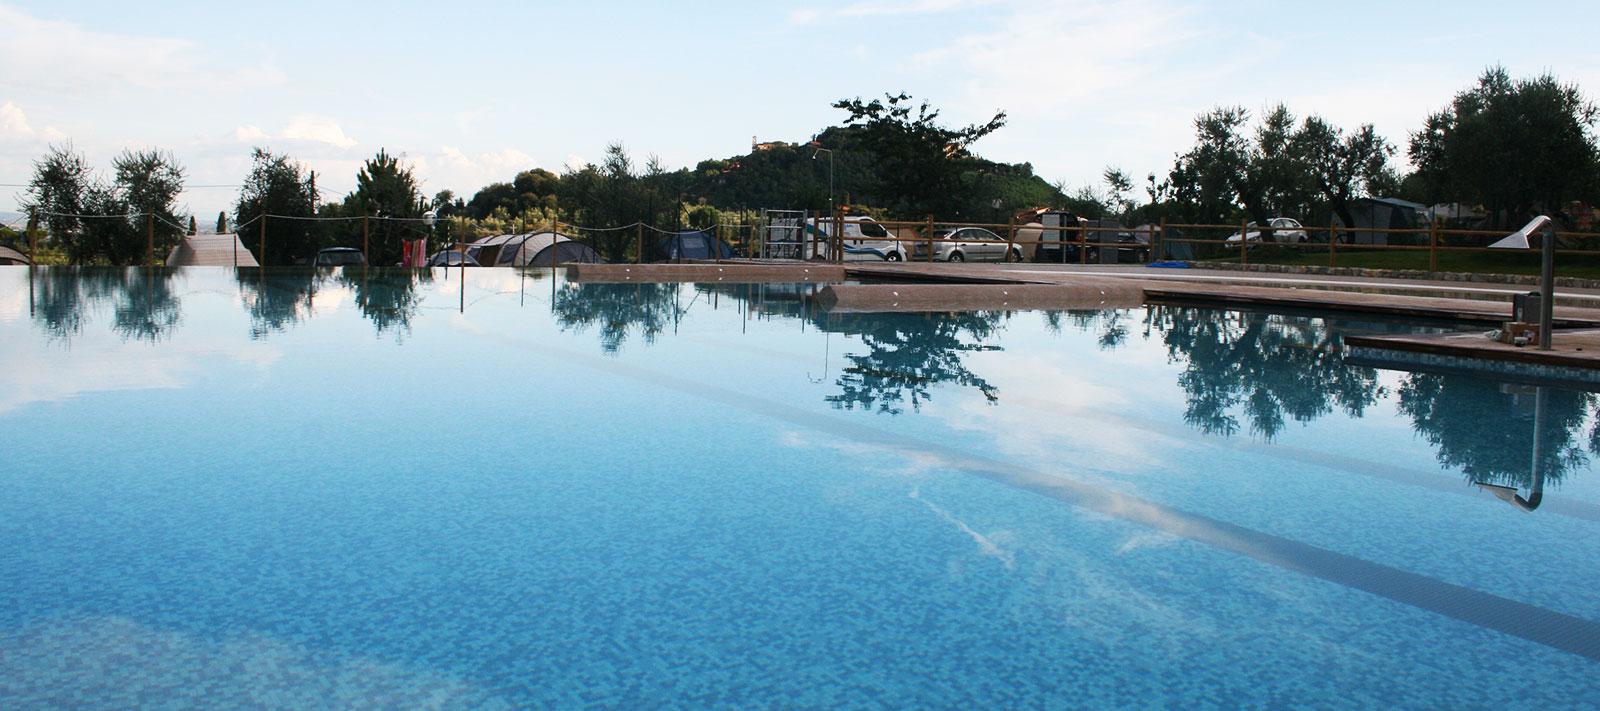 piscine per campeggi culligan